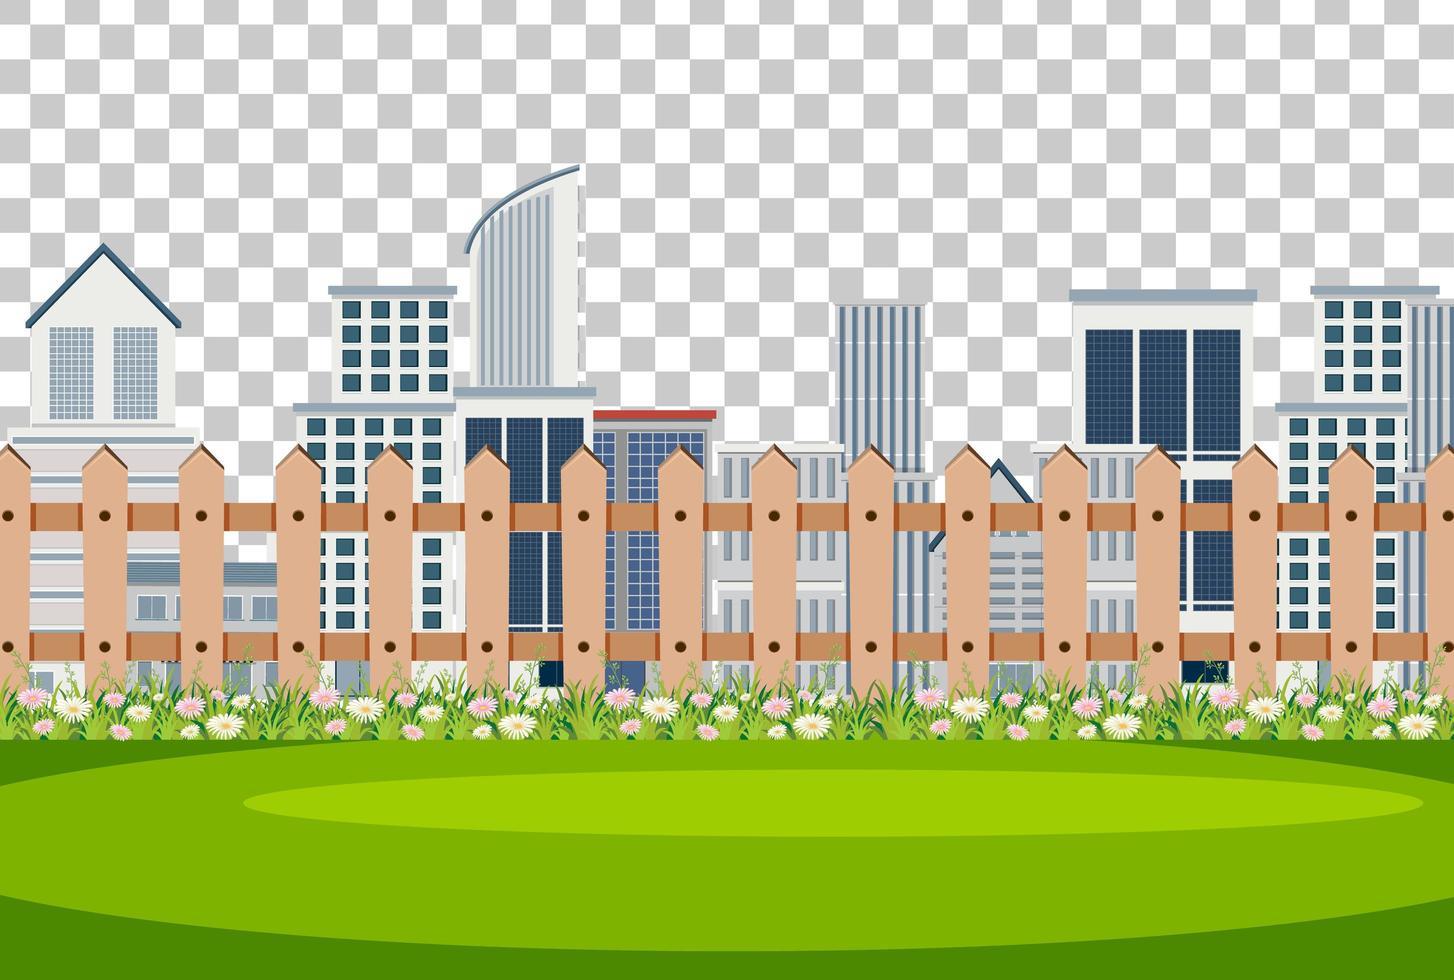 Stadtszene mit Zaun auf transparentem Hintergrund vektor